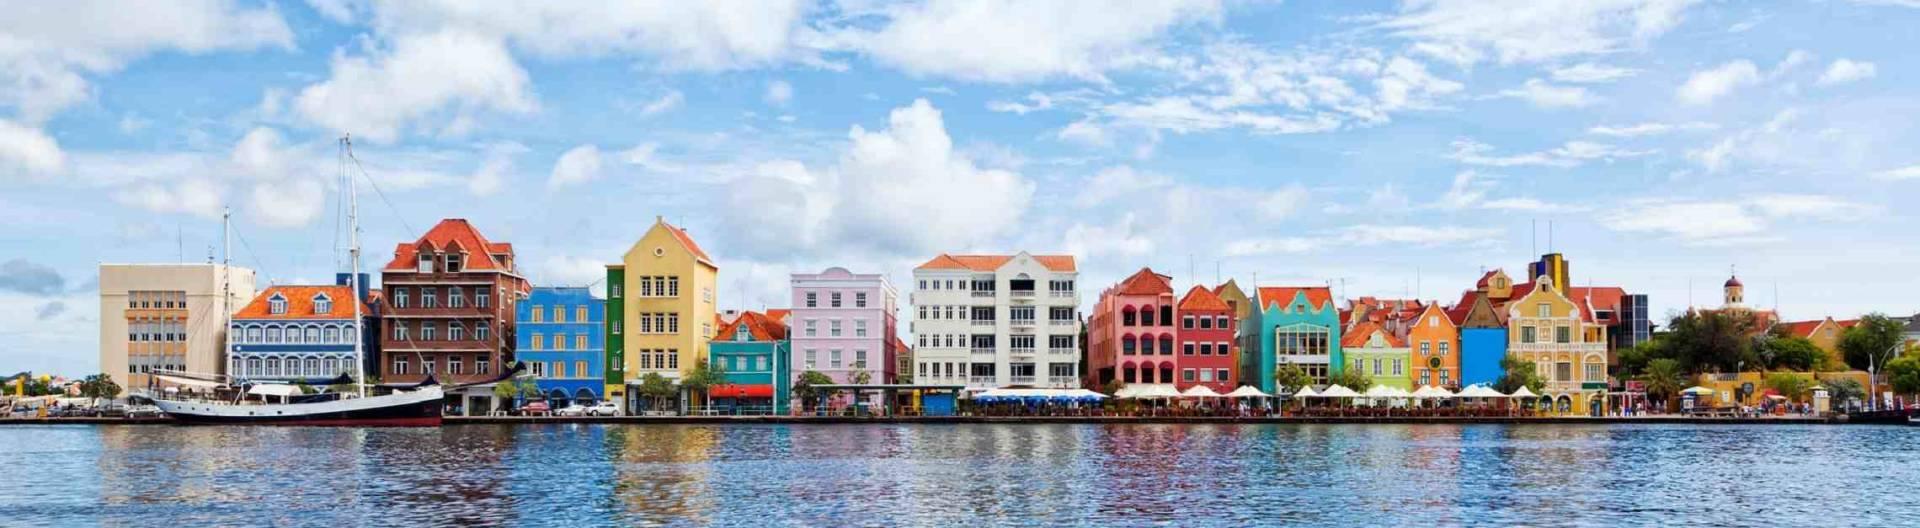 Willemstadin-värikkäitä-taloja-Curacao-1920x528.jpg